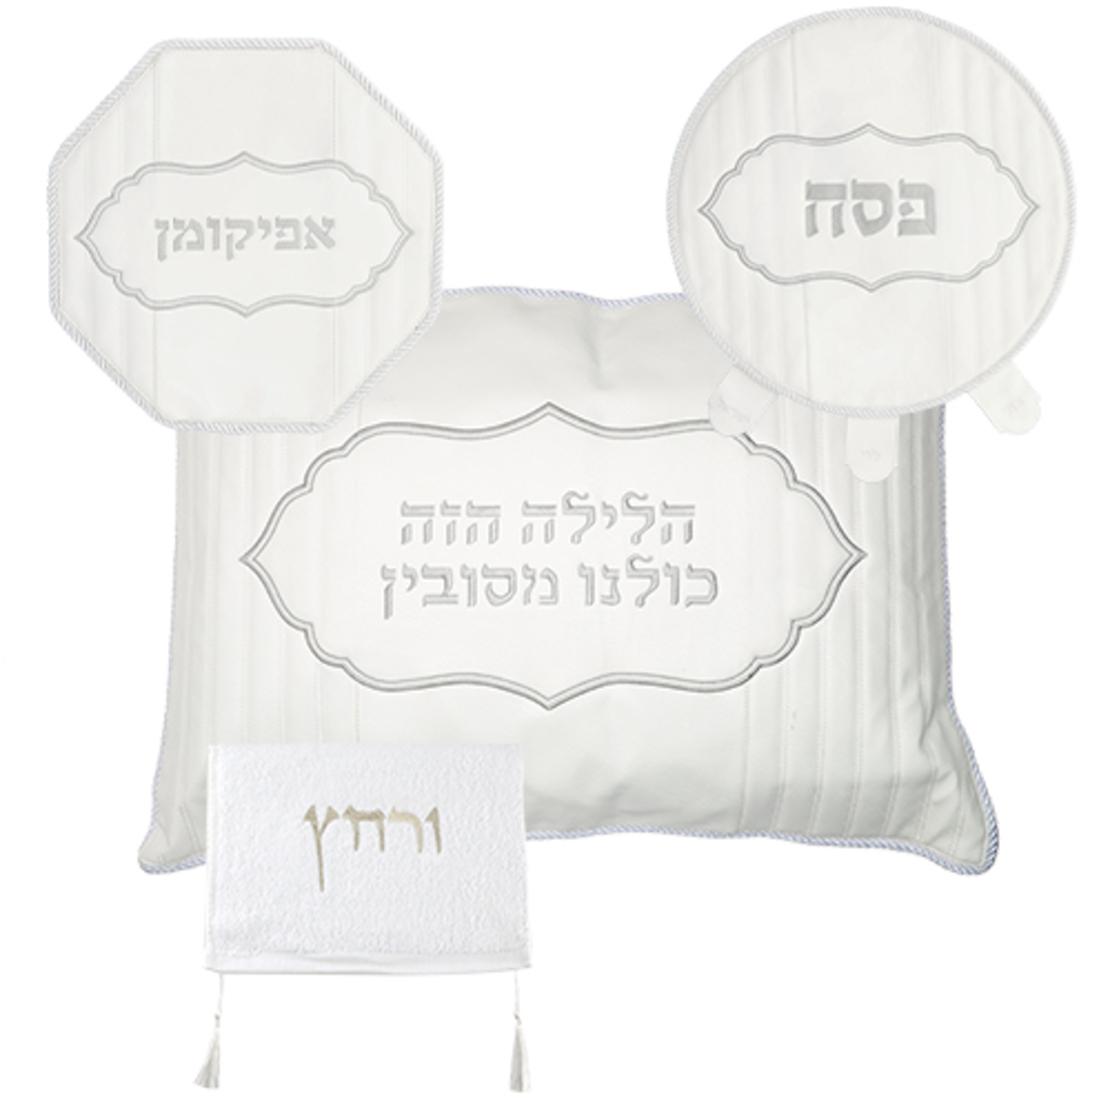 סט פסח מהודר דמוי עור 4 חלקים, המכיל כיסוי פסח, כיסוי אפיקומן כרית הסבה ומגבת